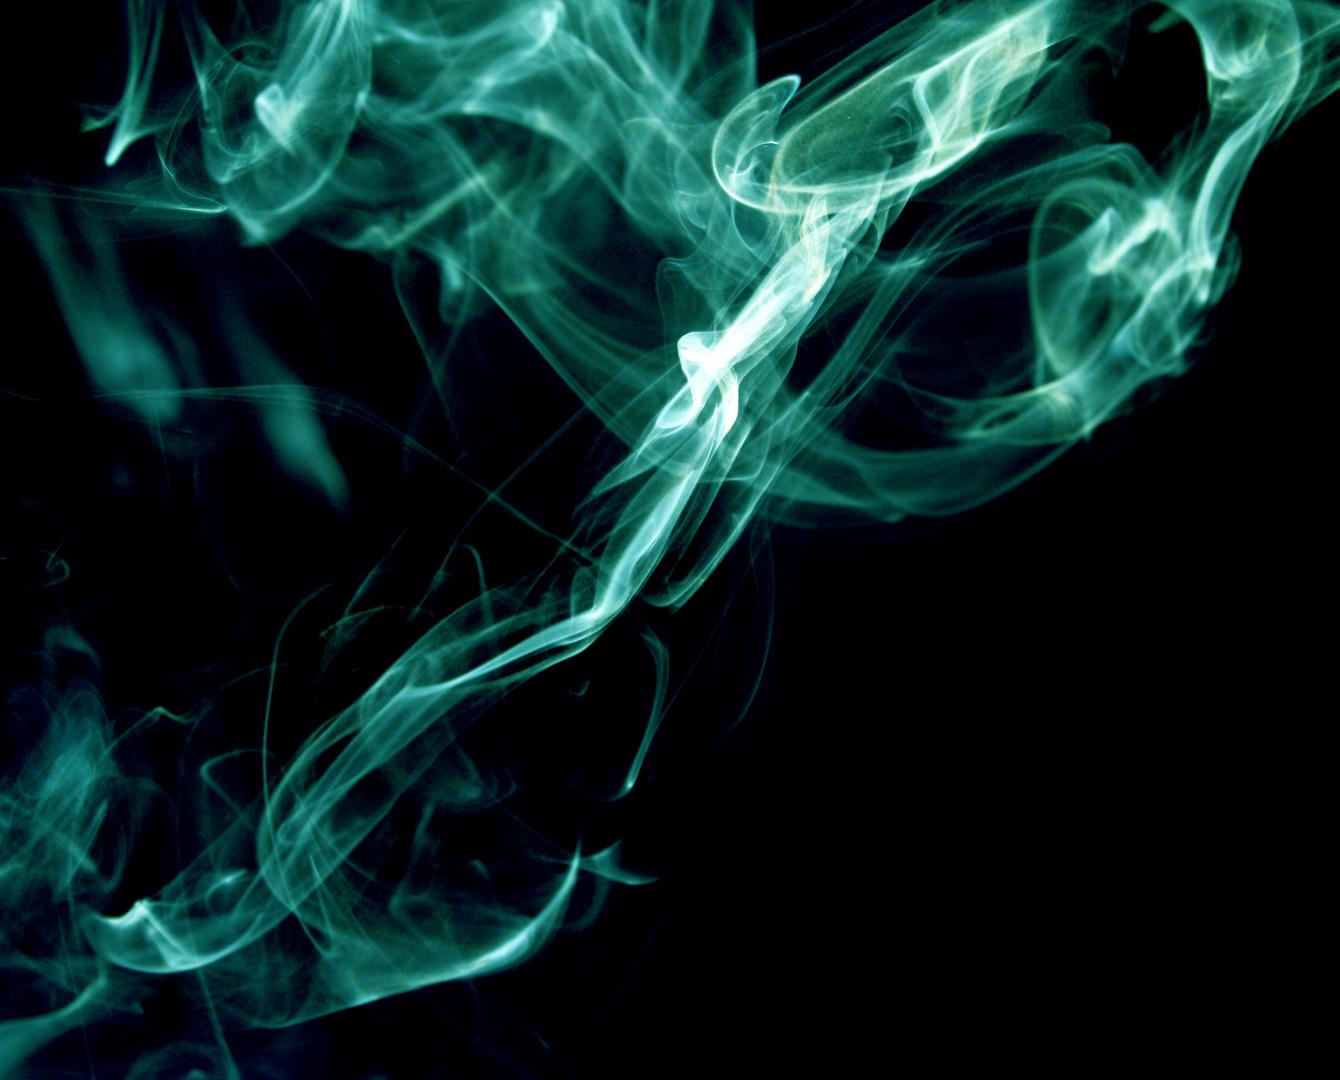 es raucht